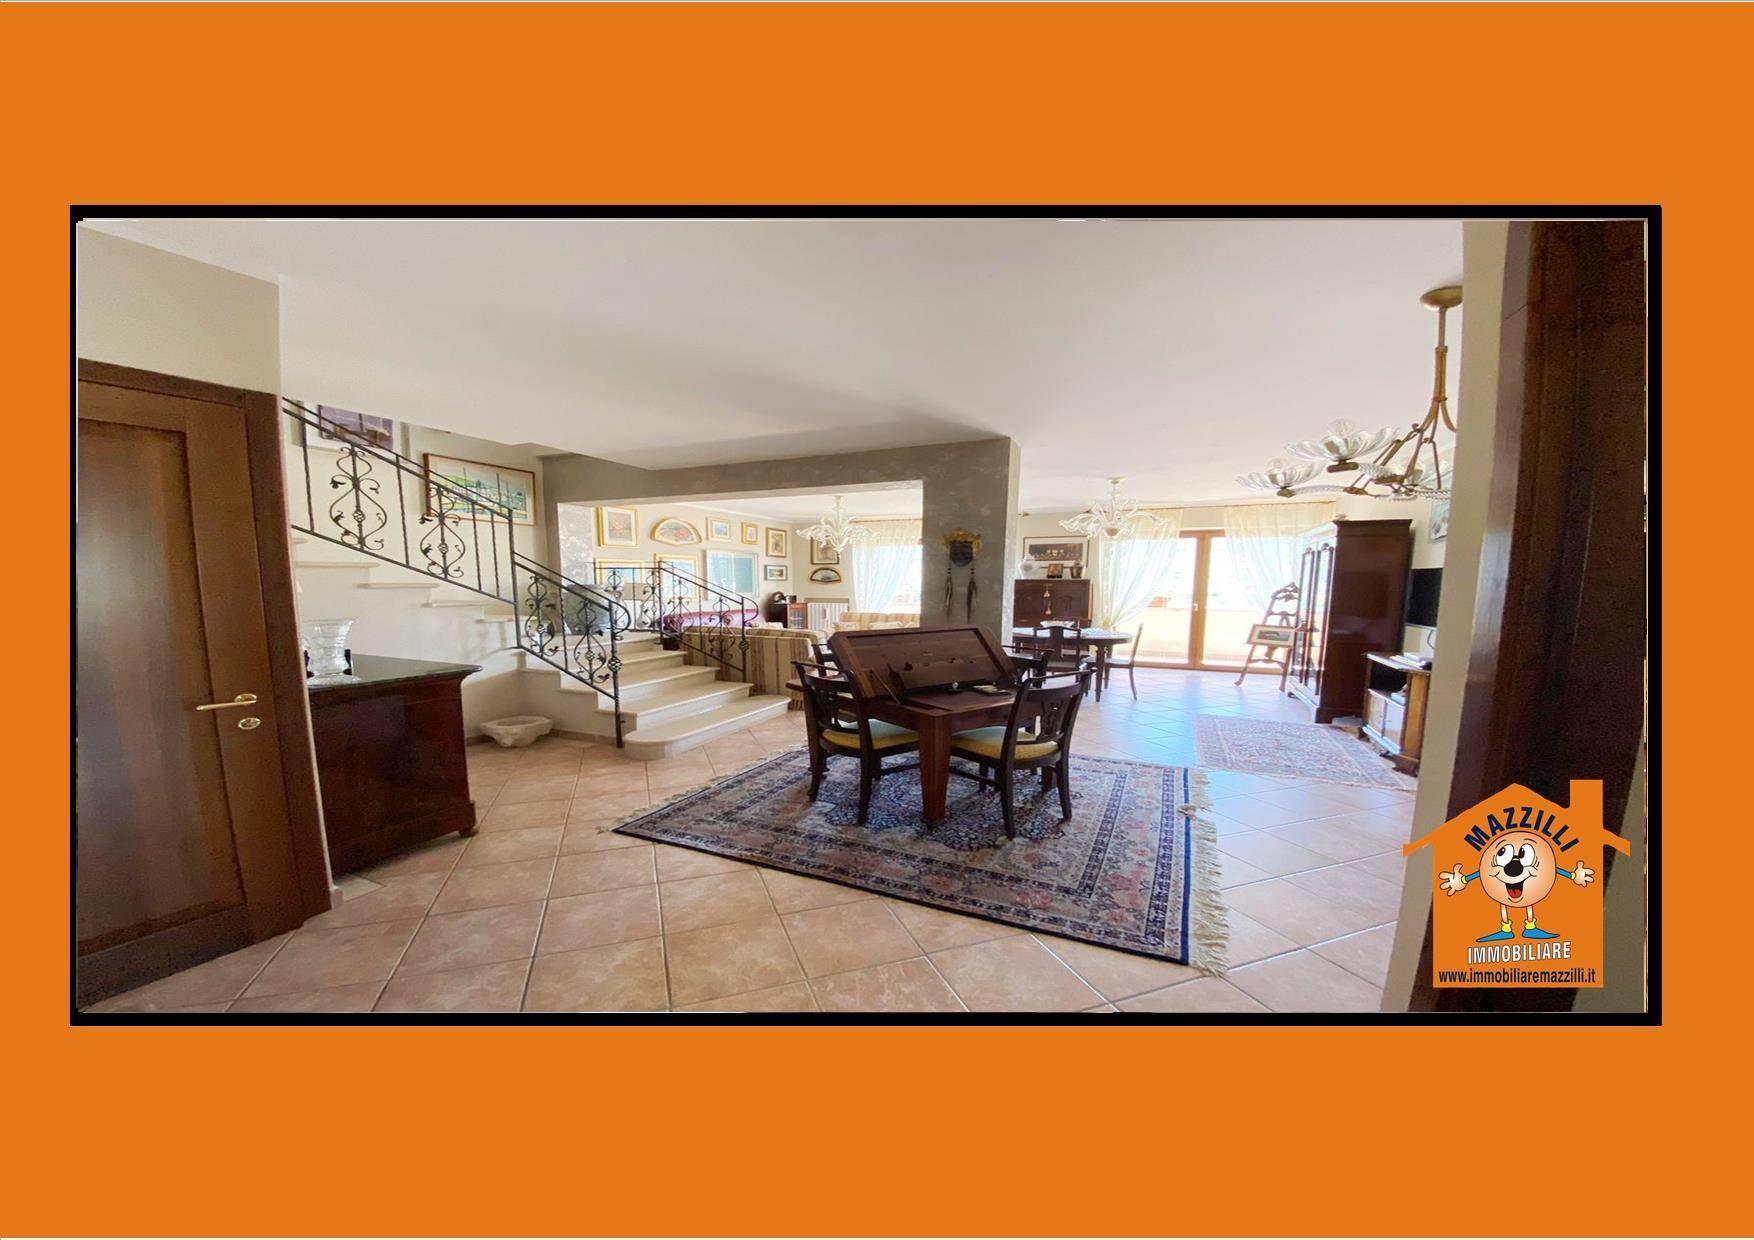 Villa in vendita a Potenza, 5 locali, prezzo € 290.000 | CambioCasa.it